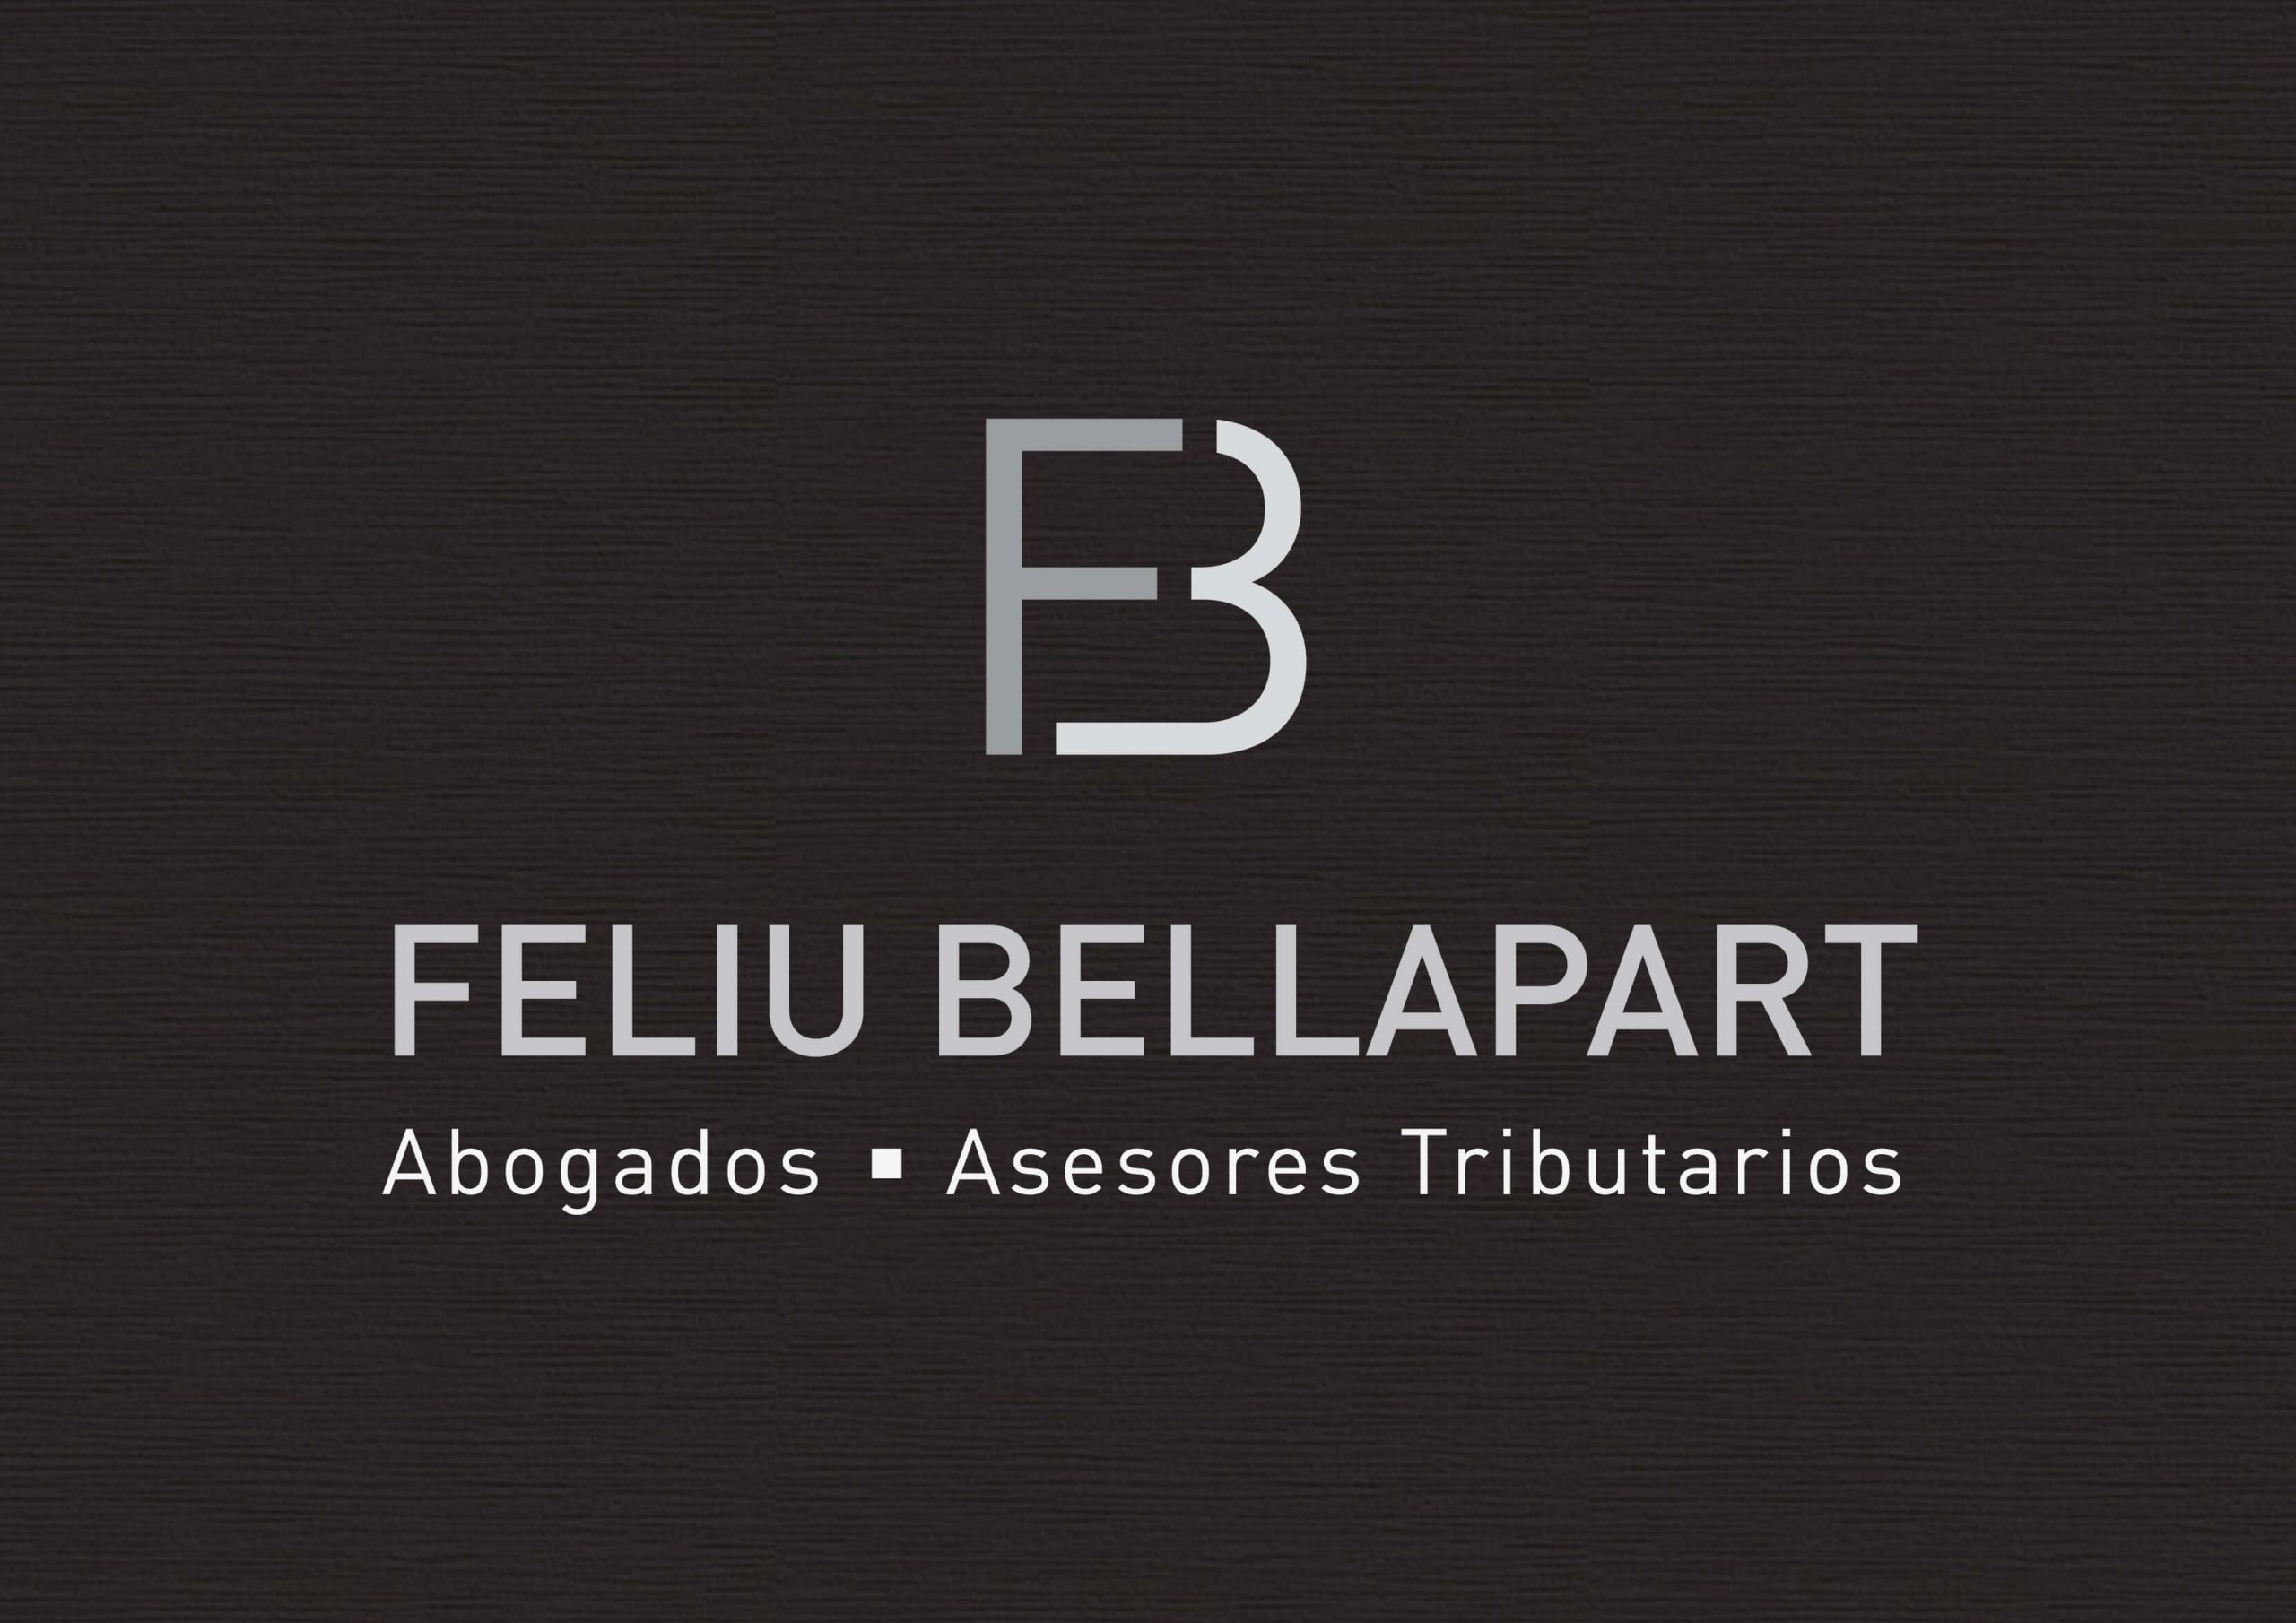 Feliu Bellapart Abogados - logotipo fondo oscuro